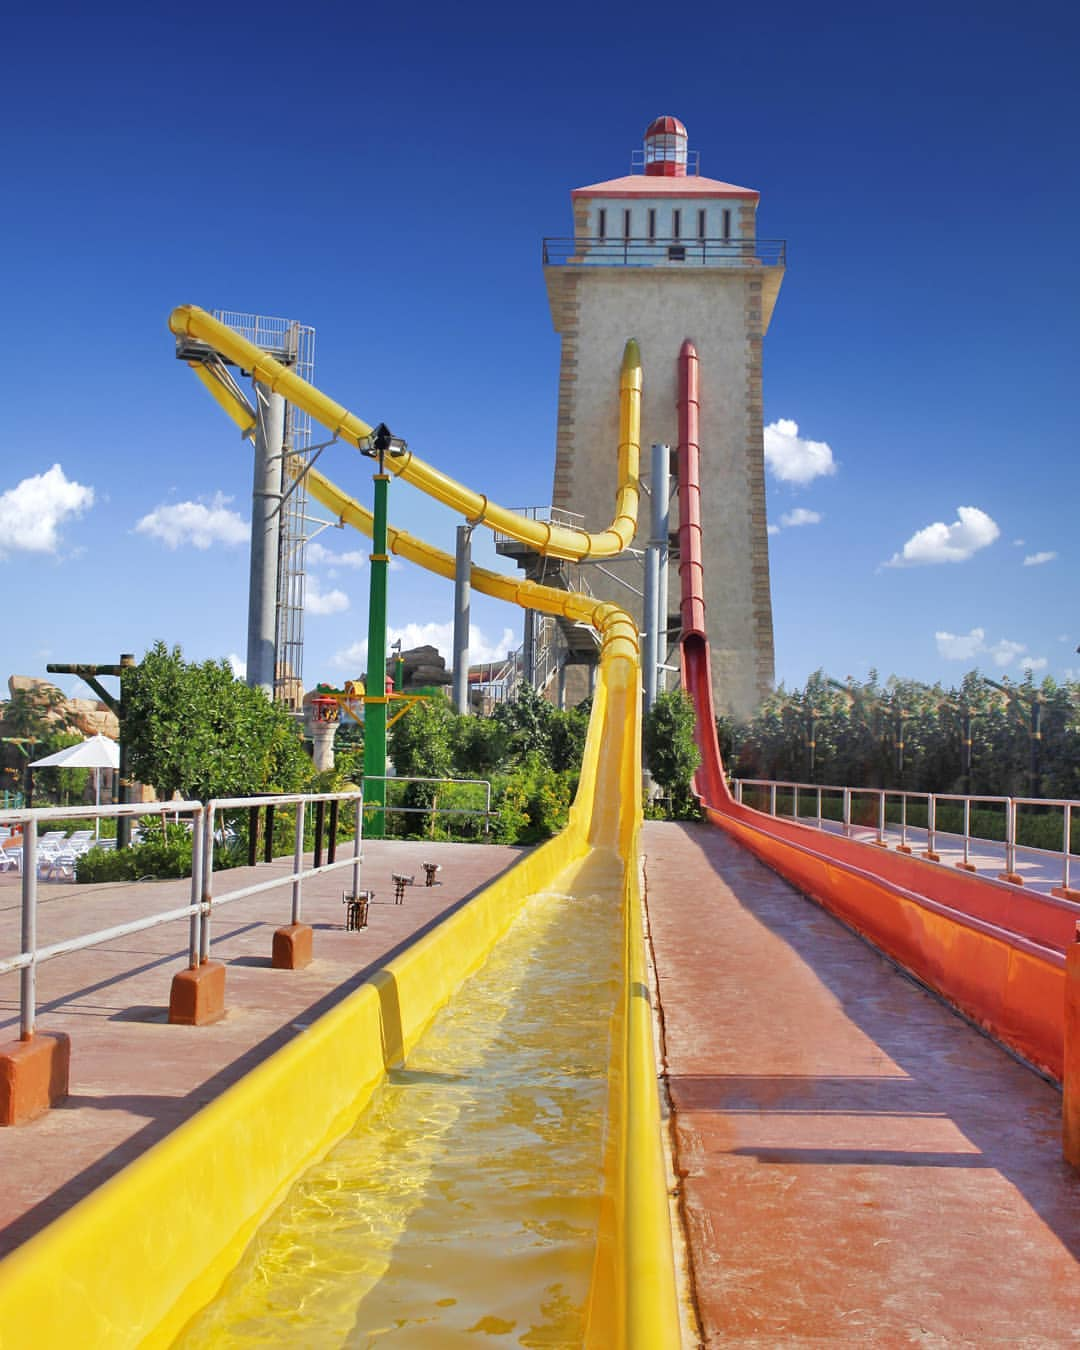 برج خورشید - آدرنالین (راید قرمزرنگ) و پیچالوپ (راید زردرنگ)